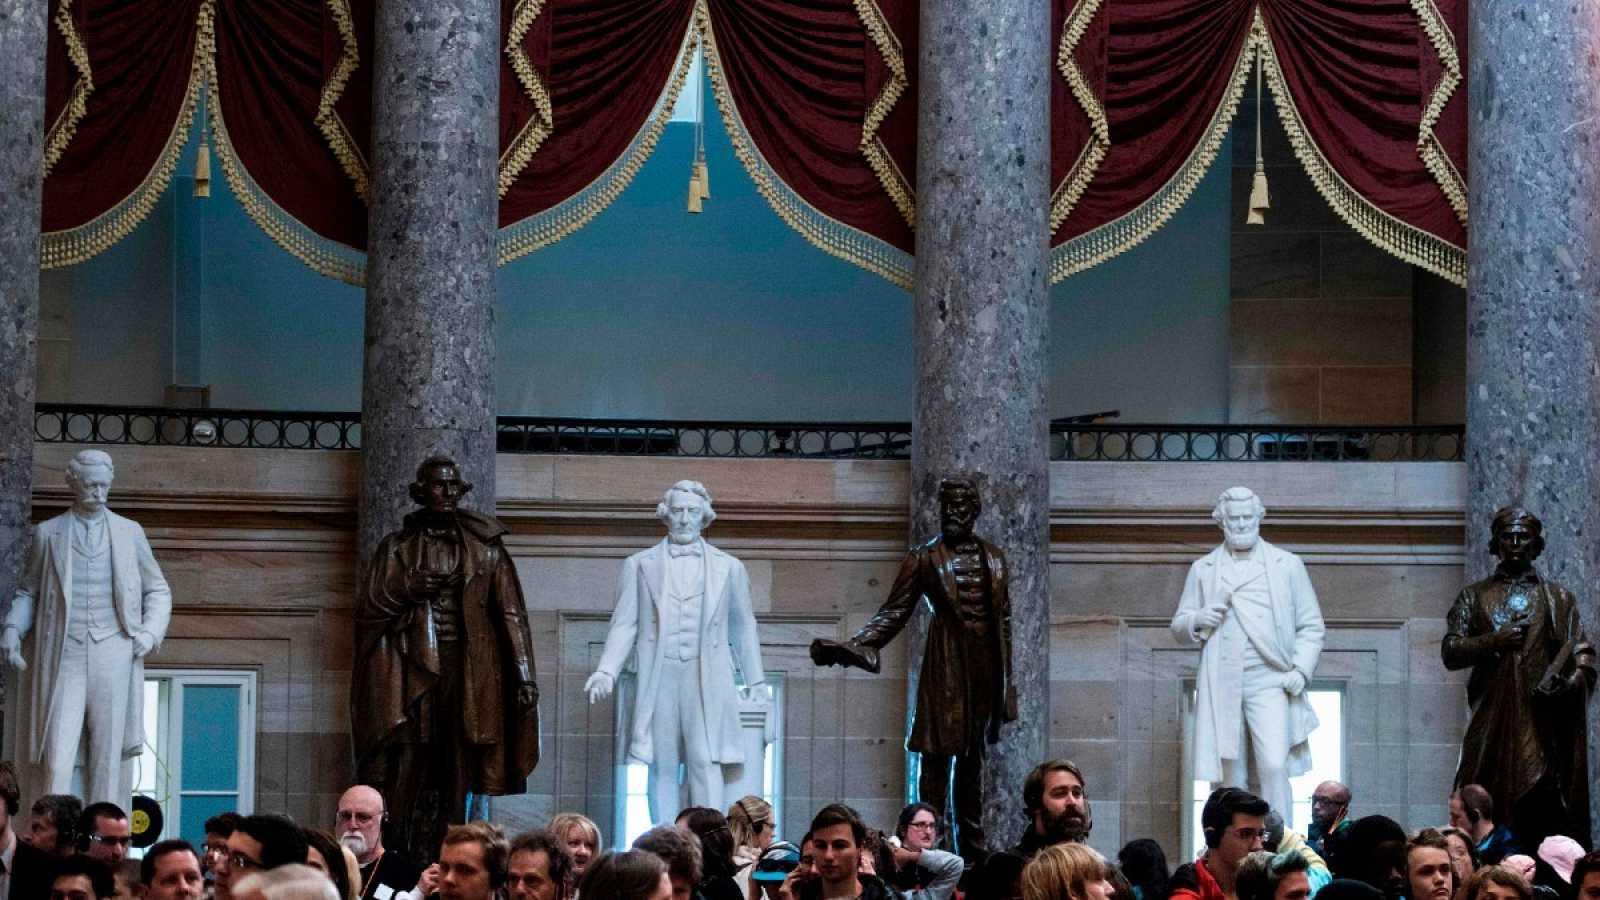 Turistas visitan el Statuary Hall en el Capitolio, en Washington, DC., Estados Unidos